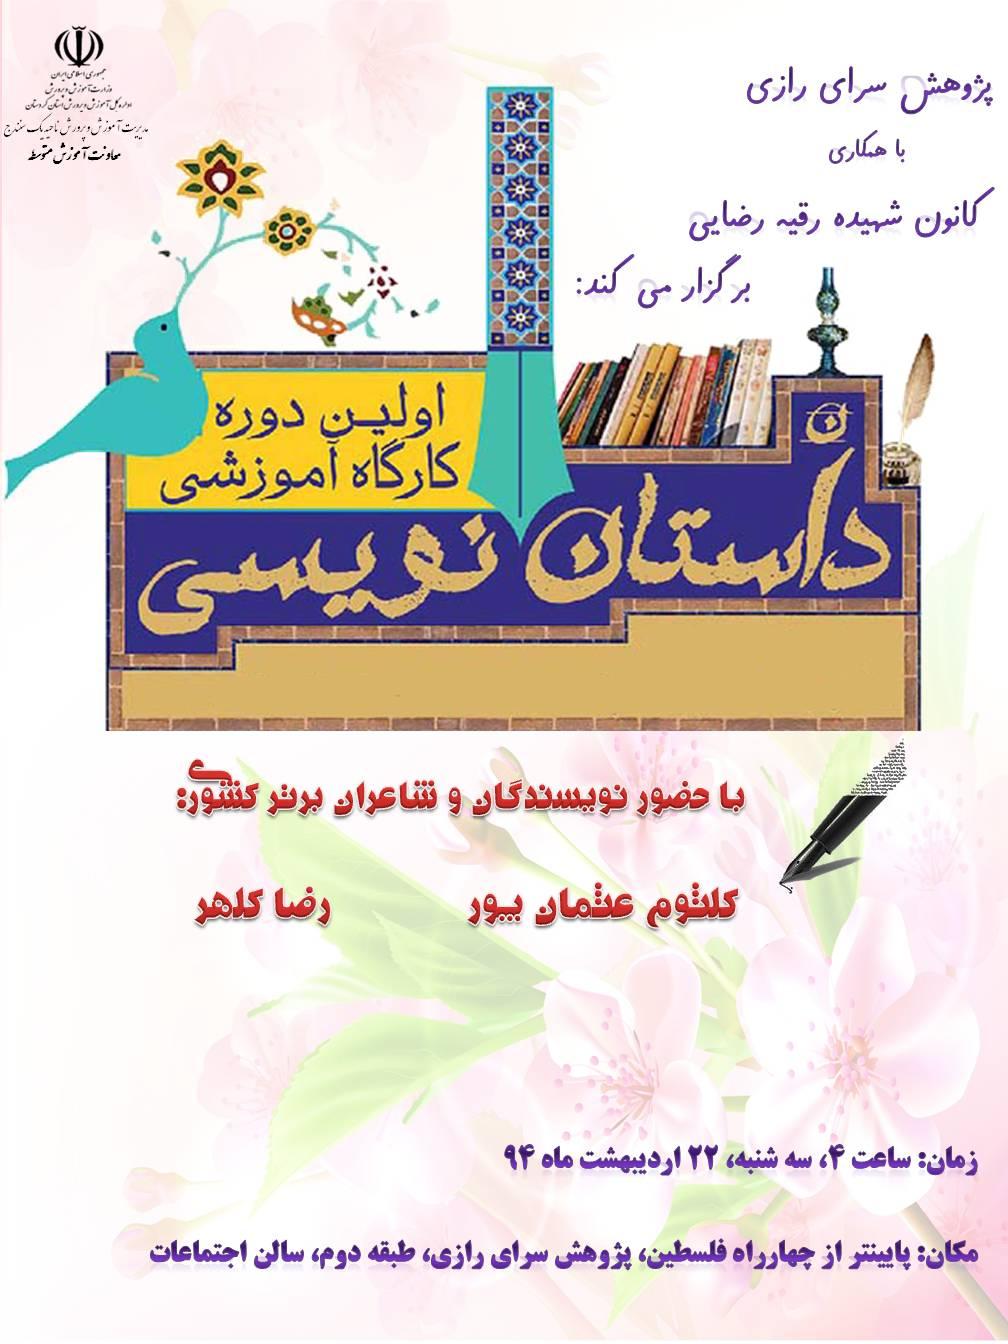 سخنرانی محمدرضا کلهر در پژوهش سرای رازی